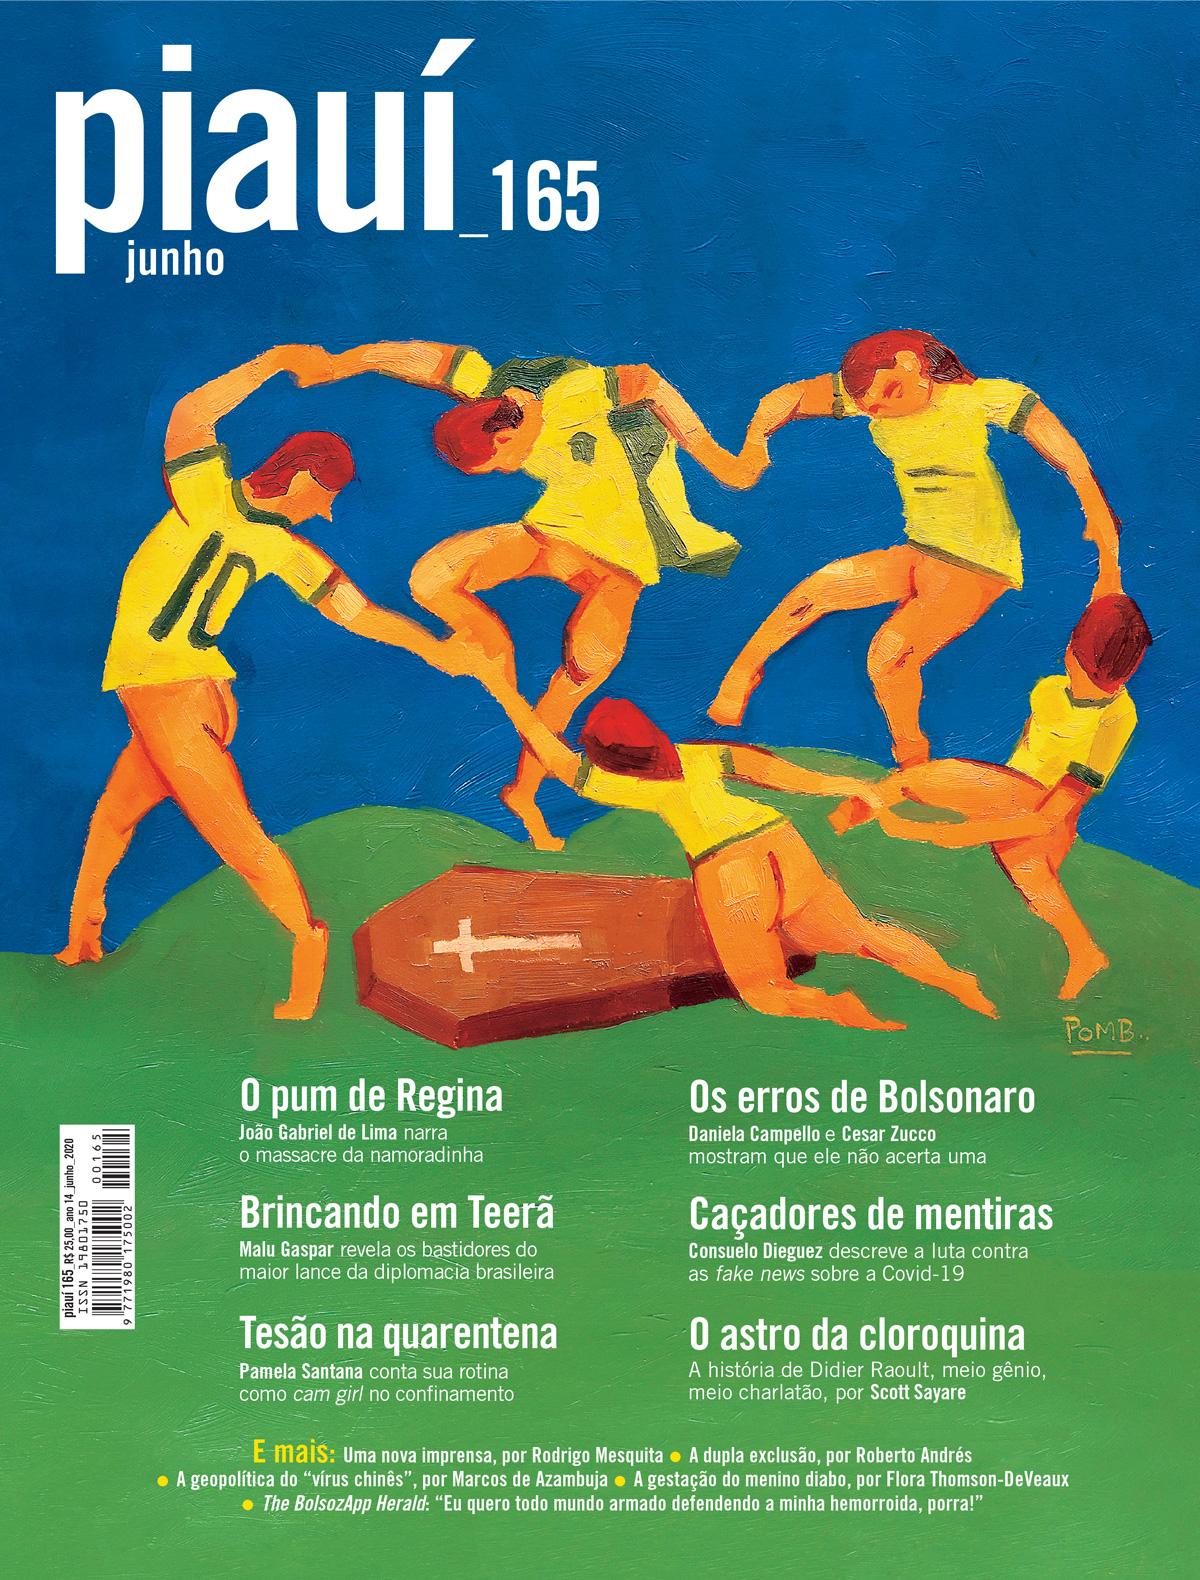 piauí_165, ciranda brasileira, a dança, henri matisse